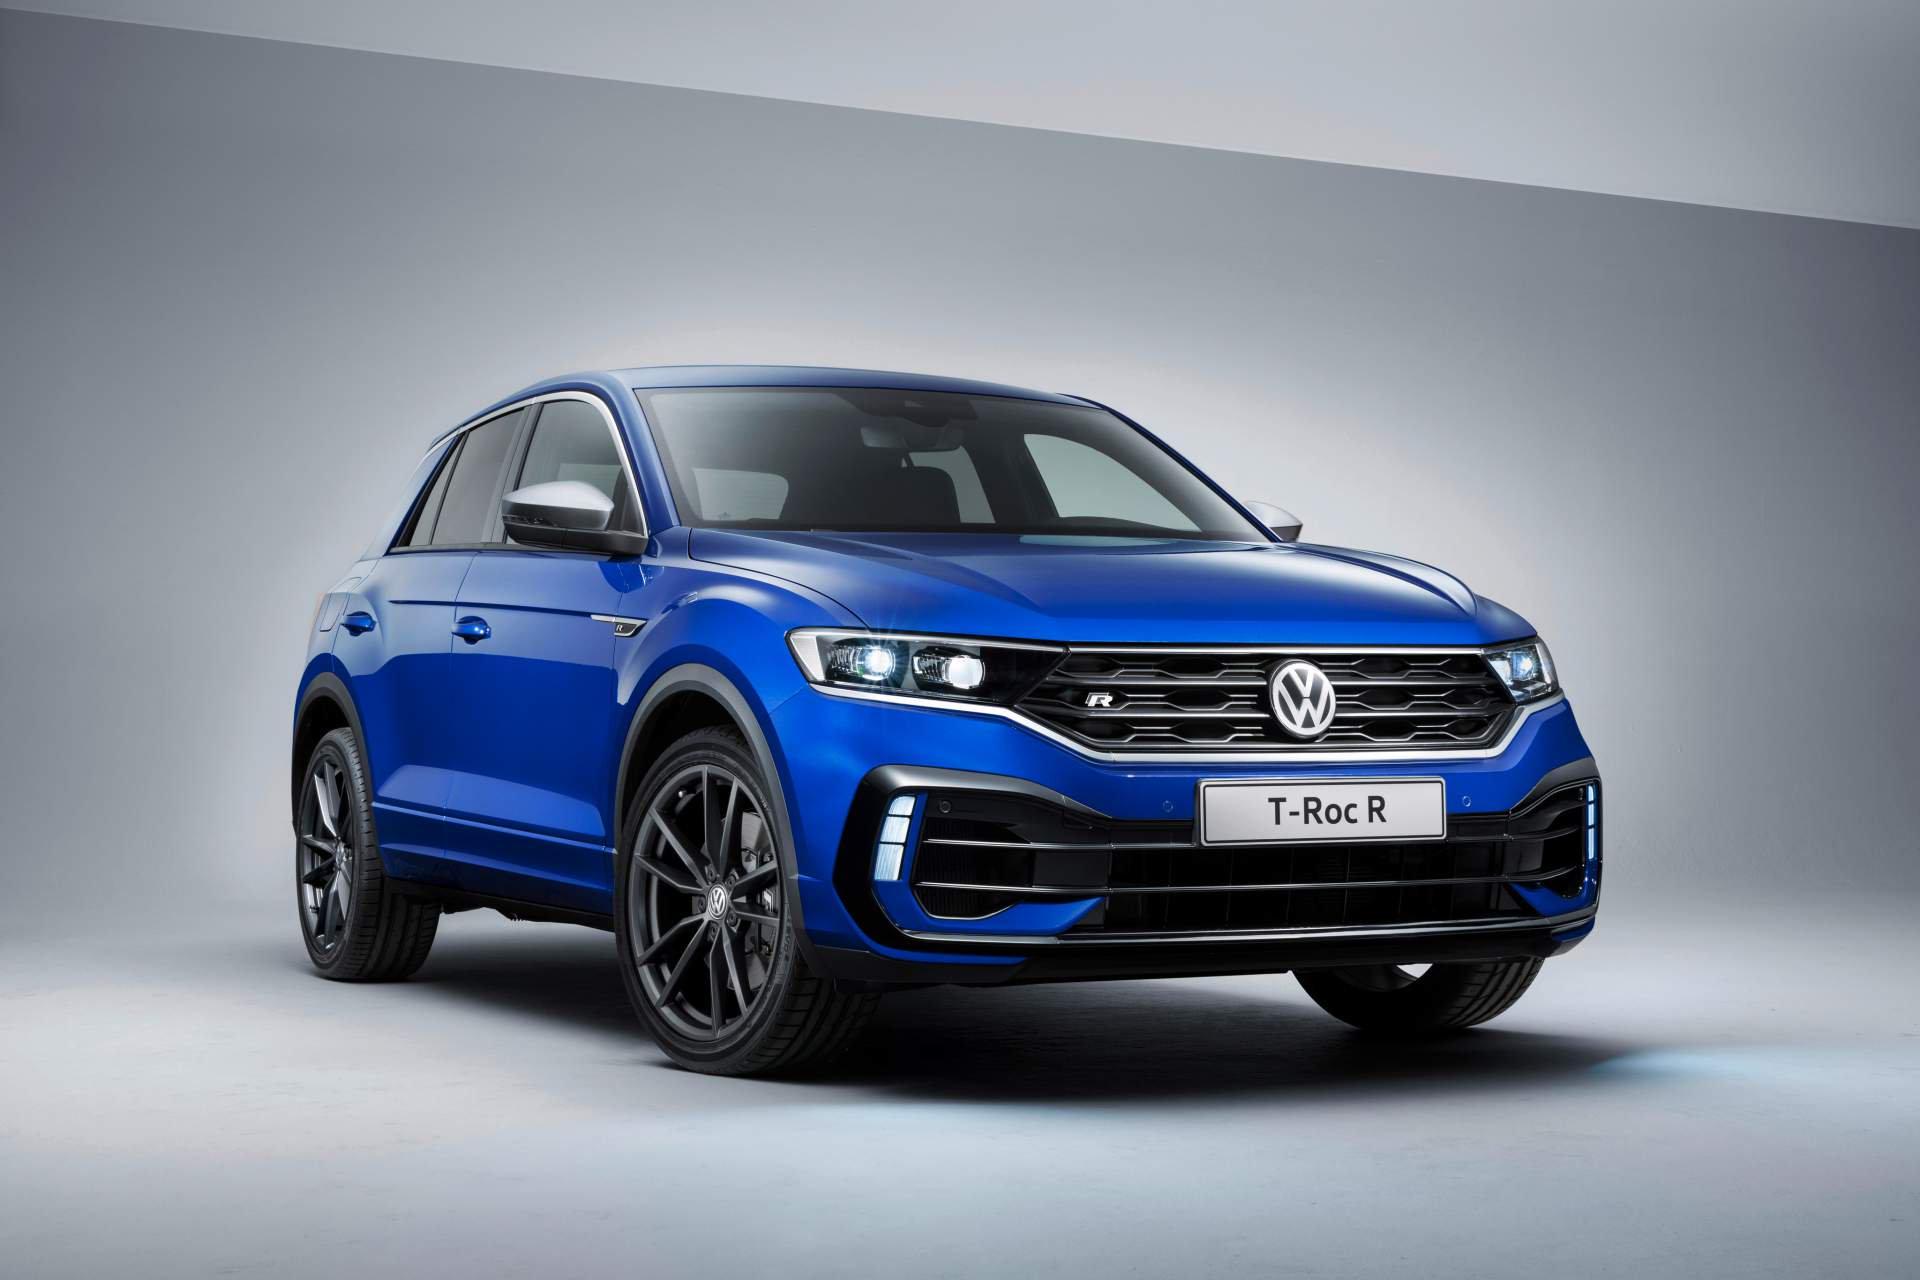 Volkswagen T-Roc R 2019 (6)